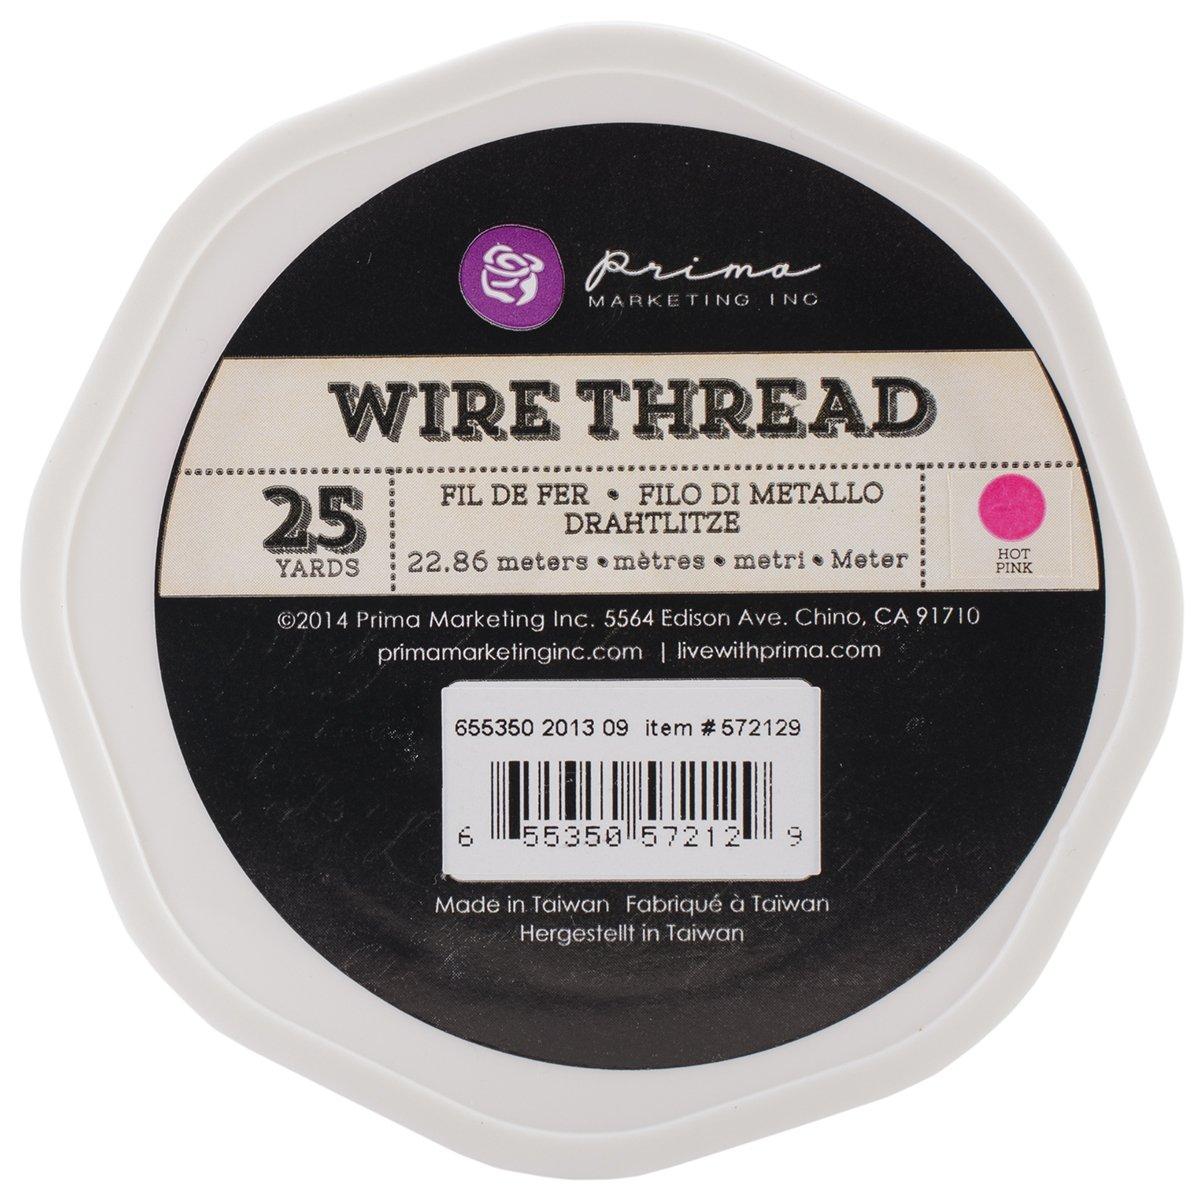 Wire Thread 25yd-Hot Pink (並行輸入品)   B00IU2GTQ4